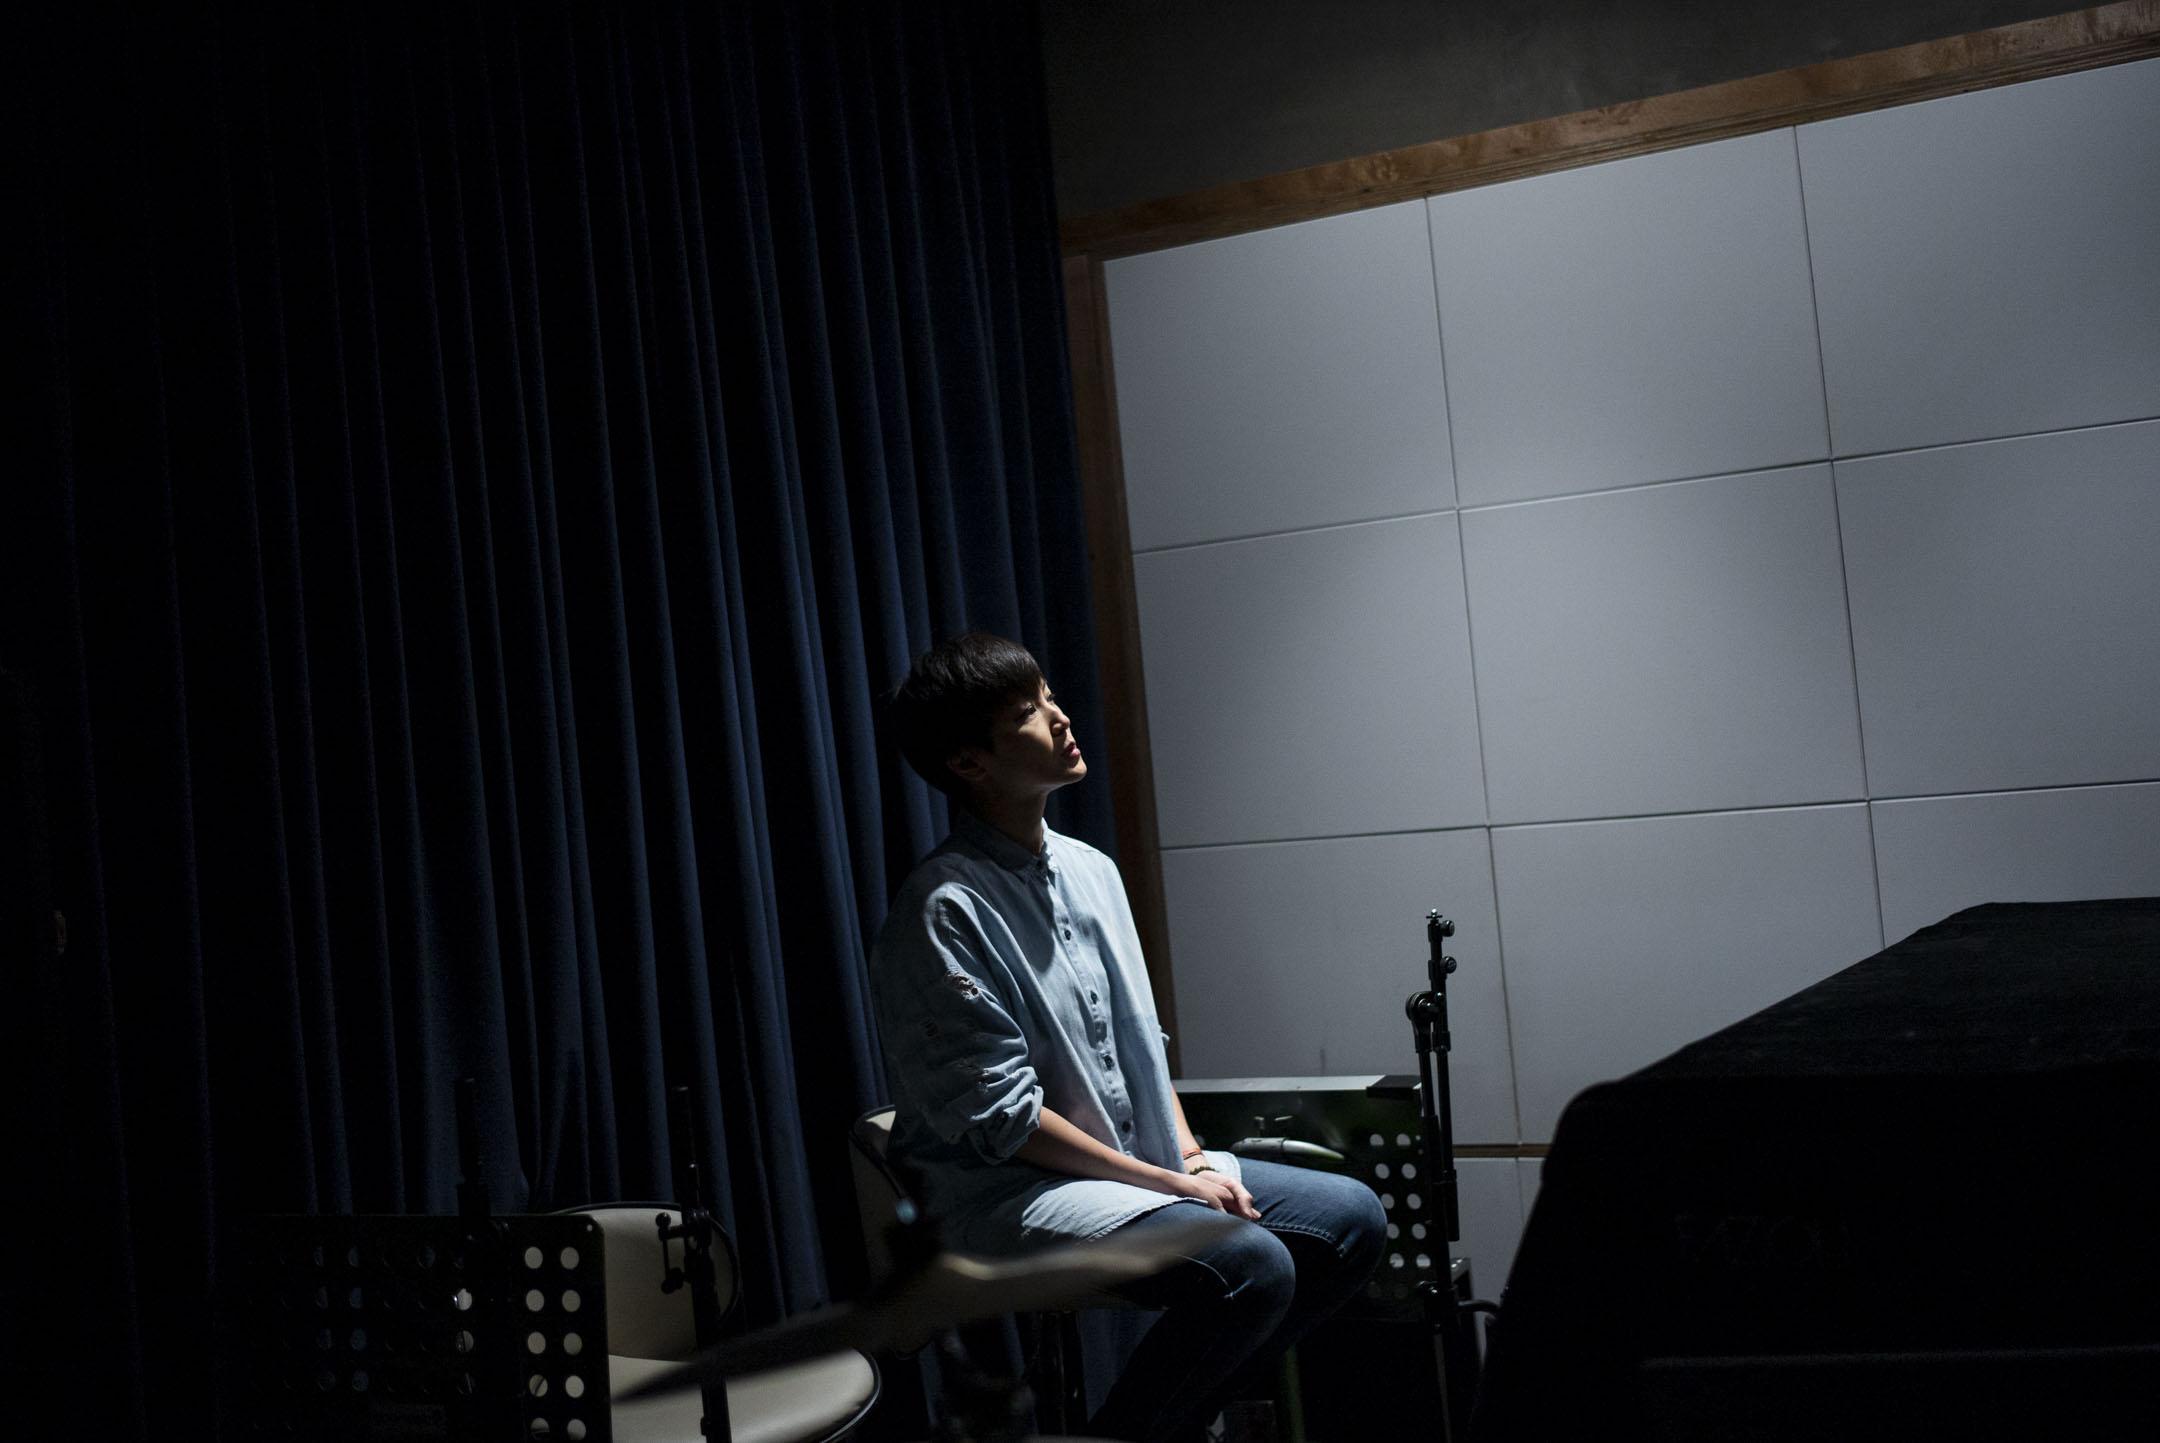 香港歌手何韻詩宣佈,由於香港藝術中心臨時取消她的場地預訂,原定於9月6日至12日在壽臣劇院舉行的演唱會被迫取消。圖為2020年,何韻詩接受端傳媒訪問,拍攝於錄音室。 攝:林振東/端傳媒